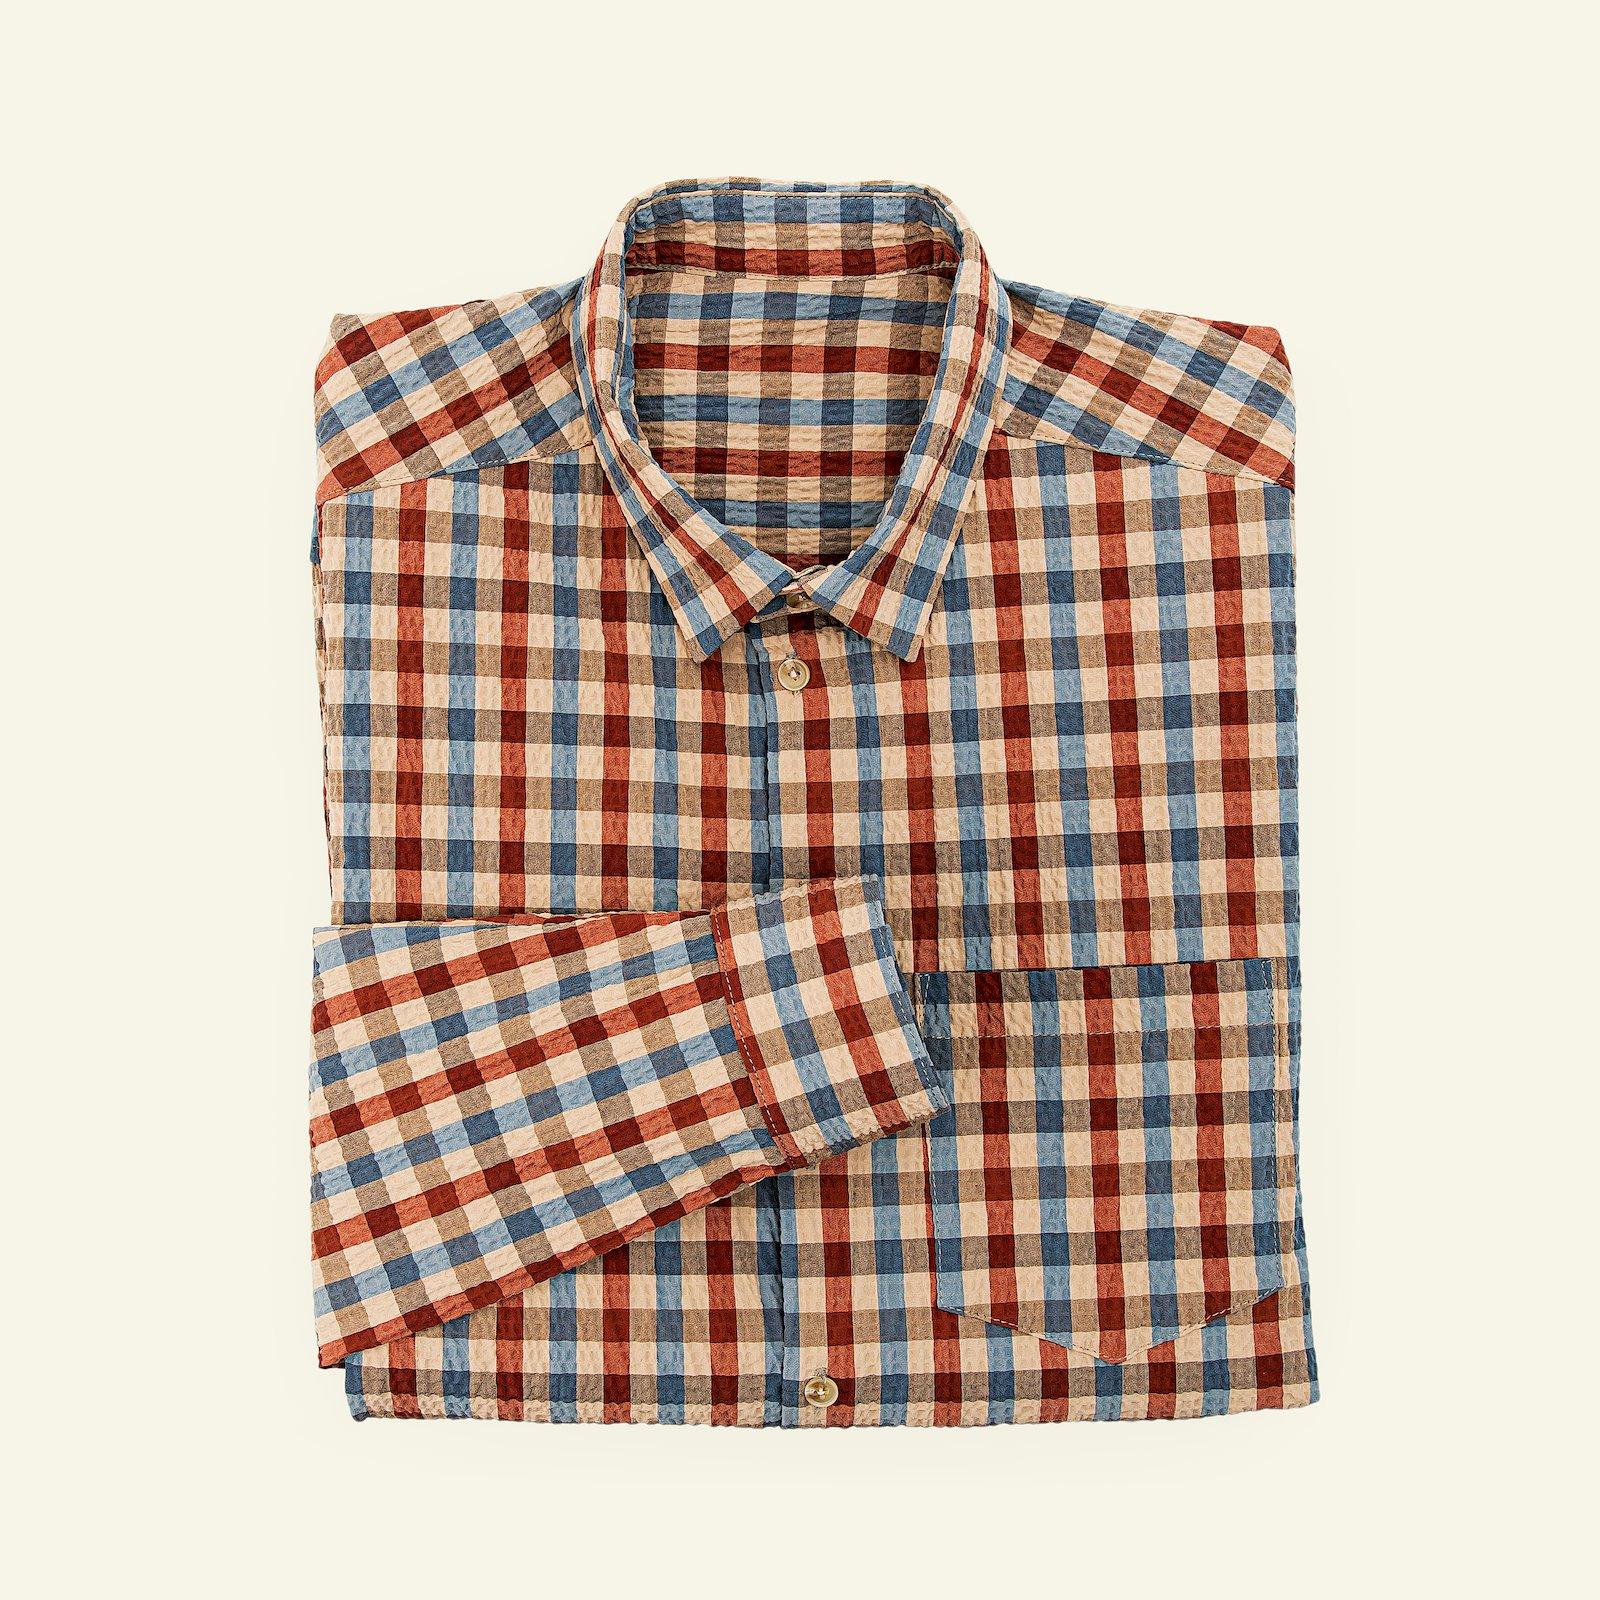 Shirt, S p87001_501898_40228_sskit